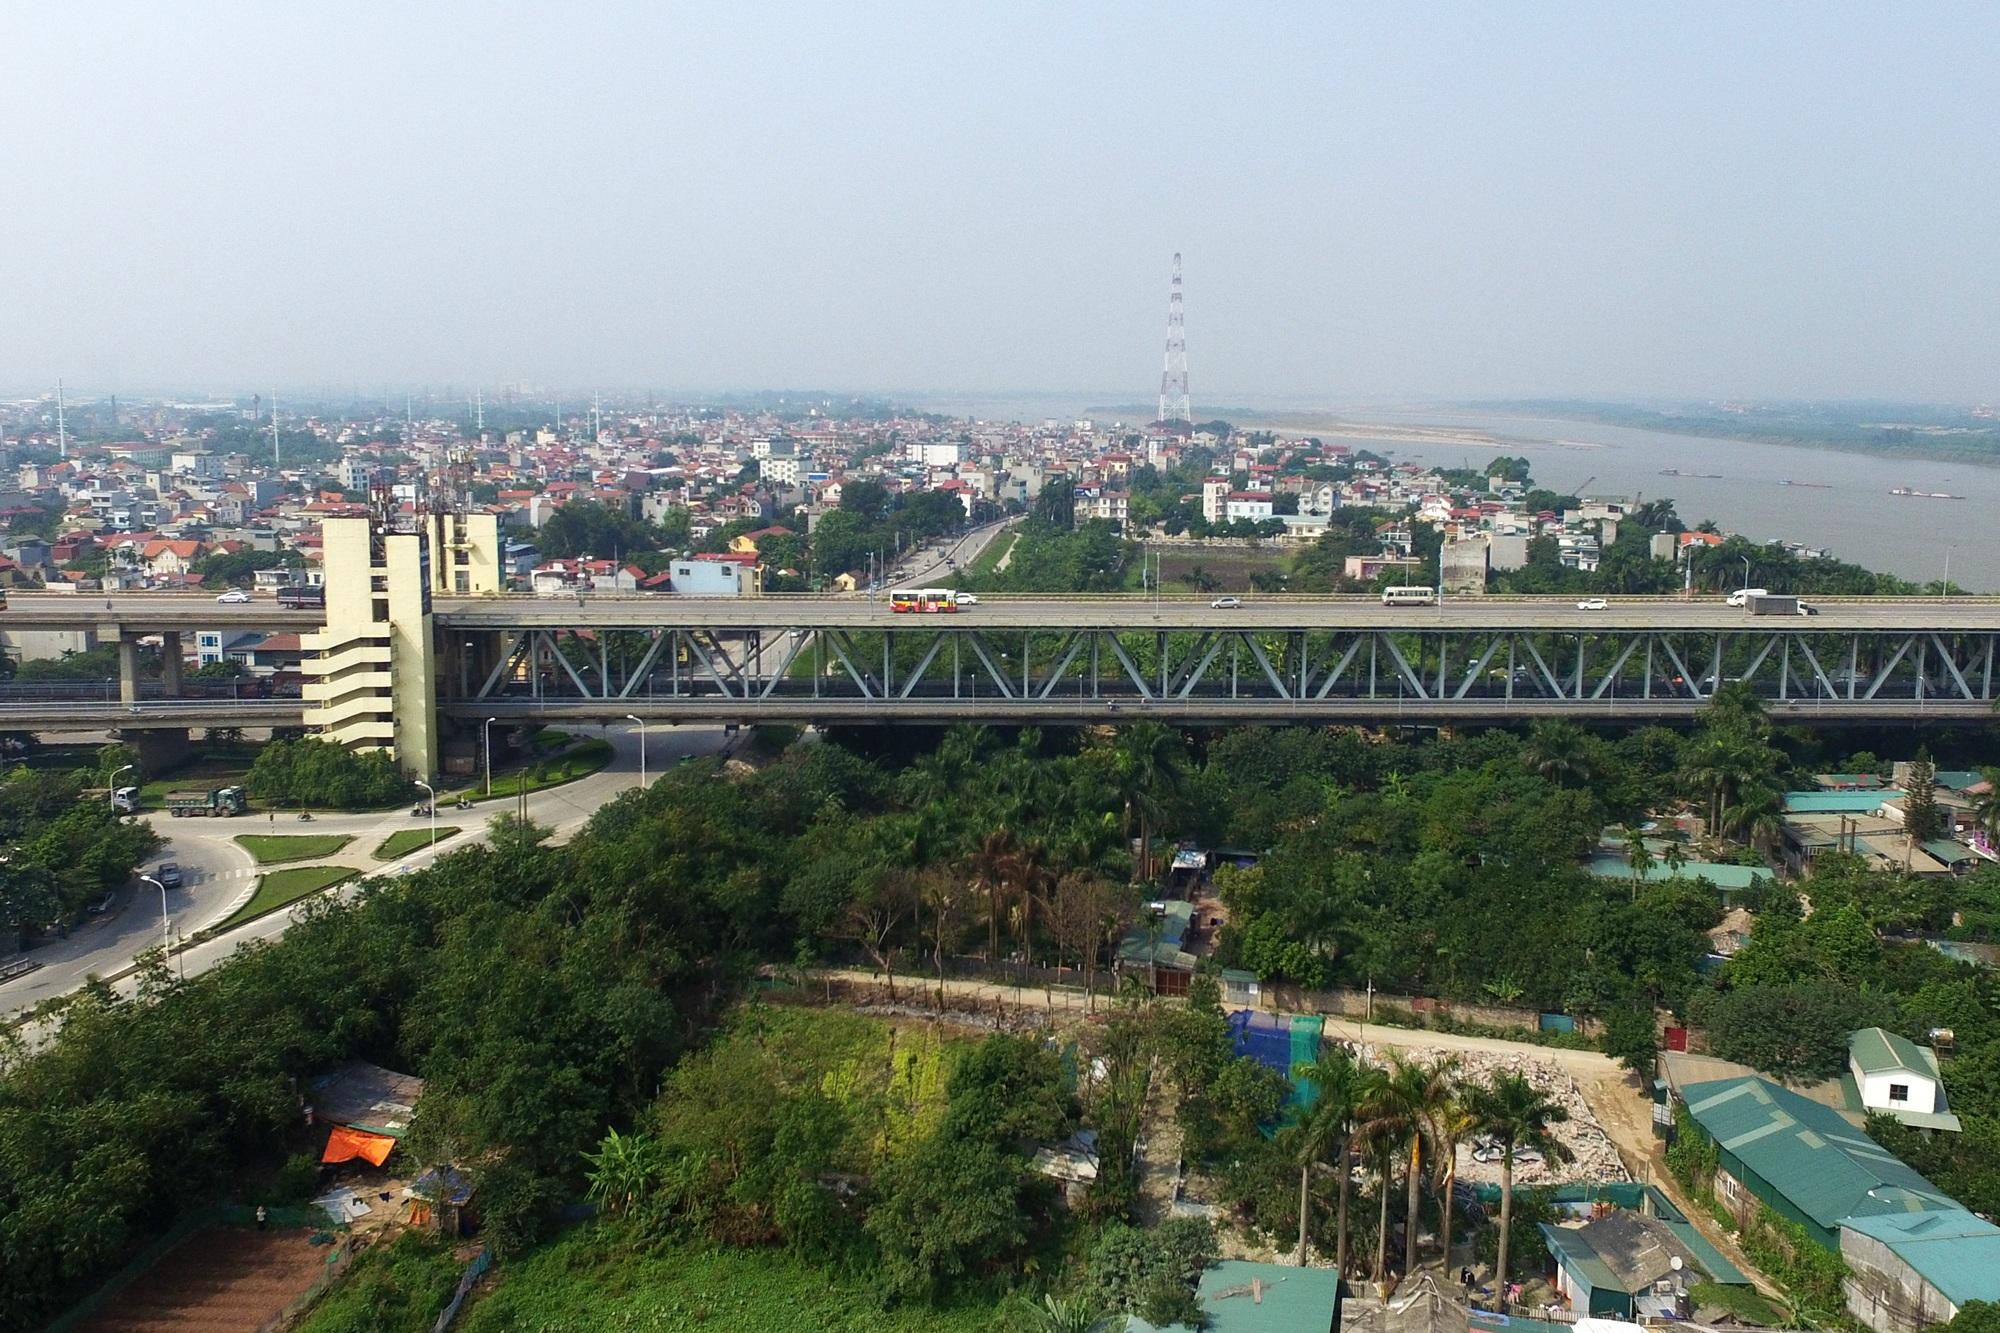 Toàn cảnh 6 cây cầu huyết mạch bắc qua sông Hồng - 11